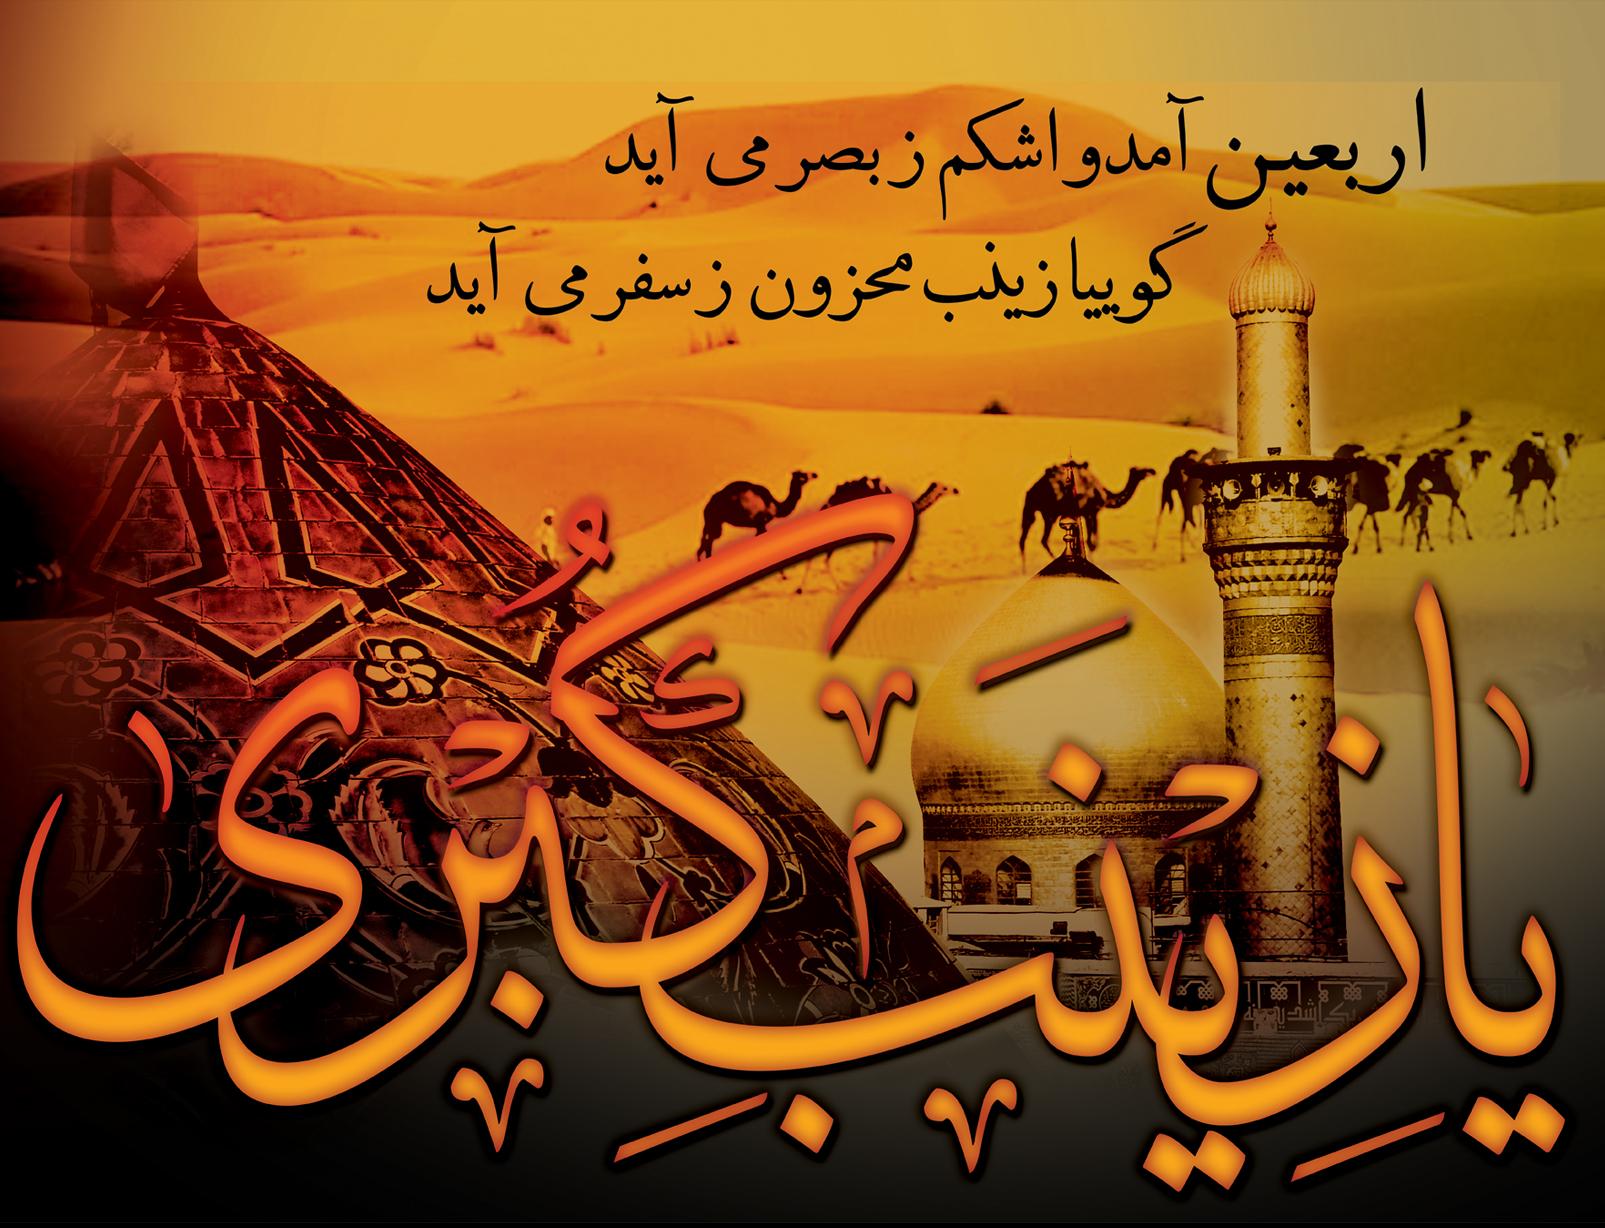 عکس امام حسین نوشته